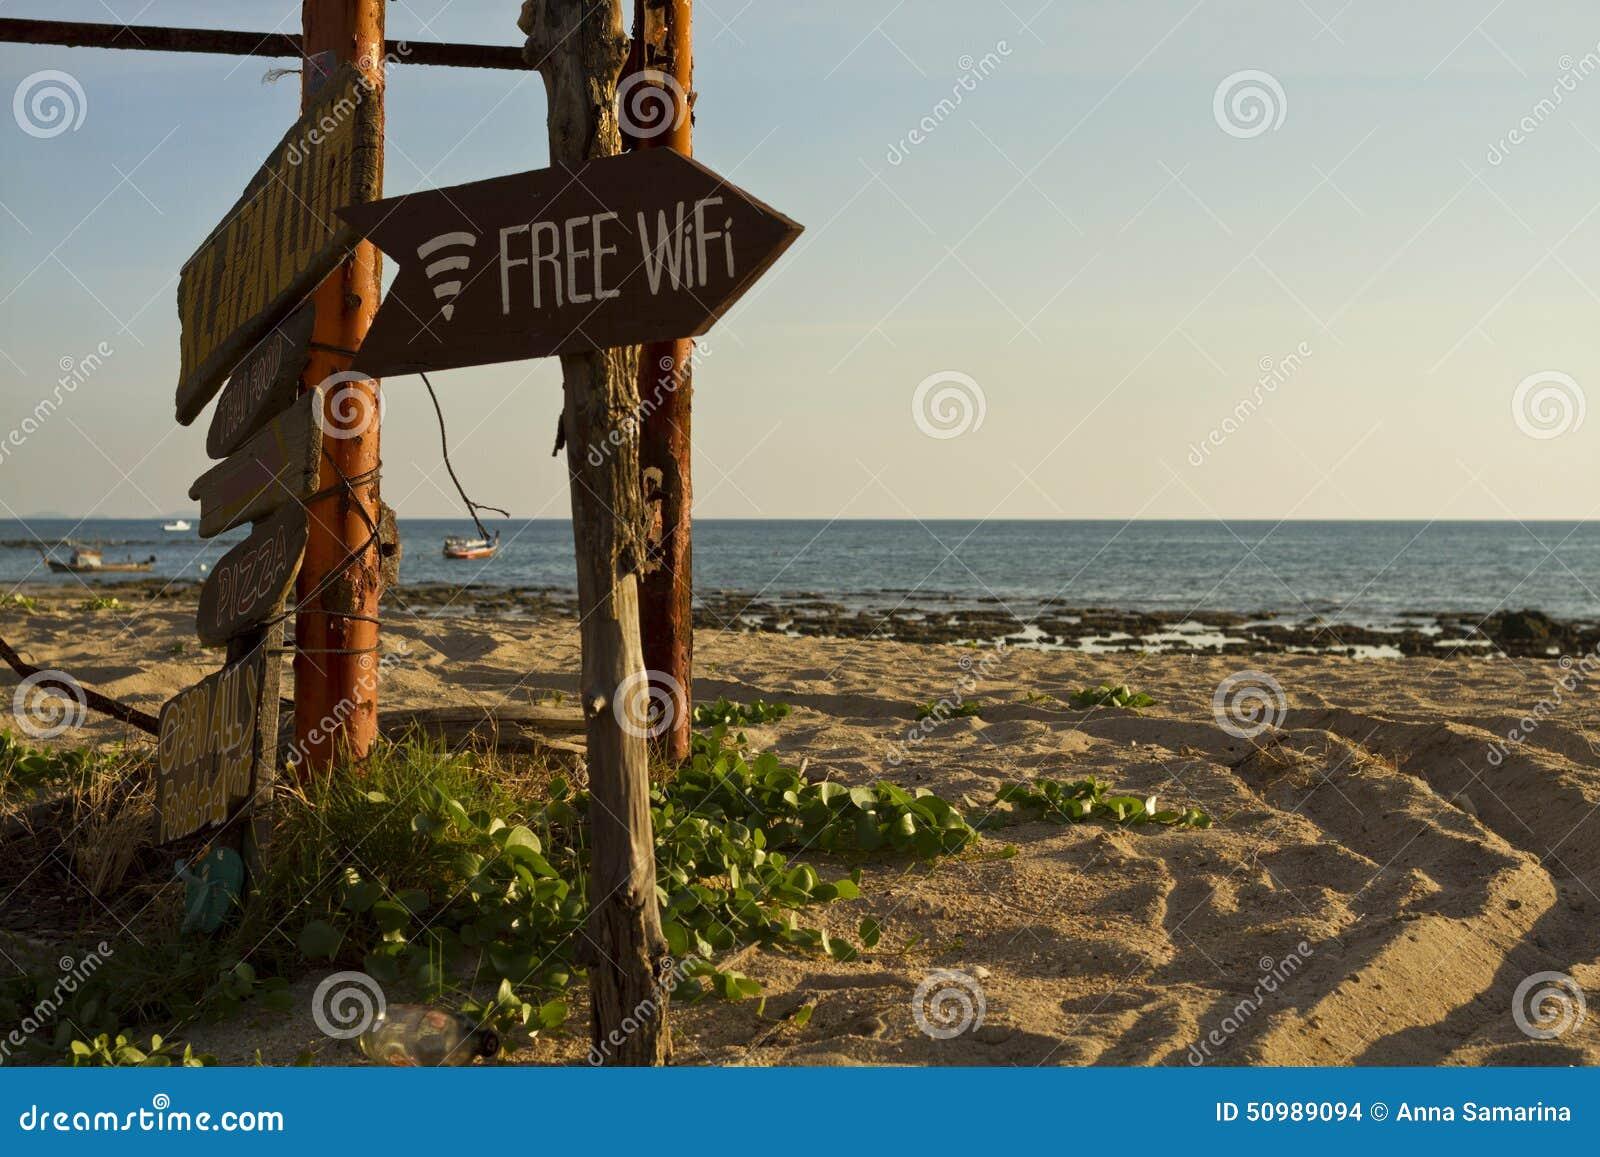 Bezpłatny wifi na plaży